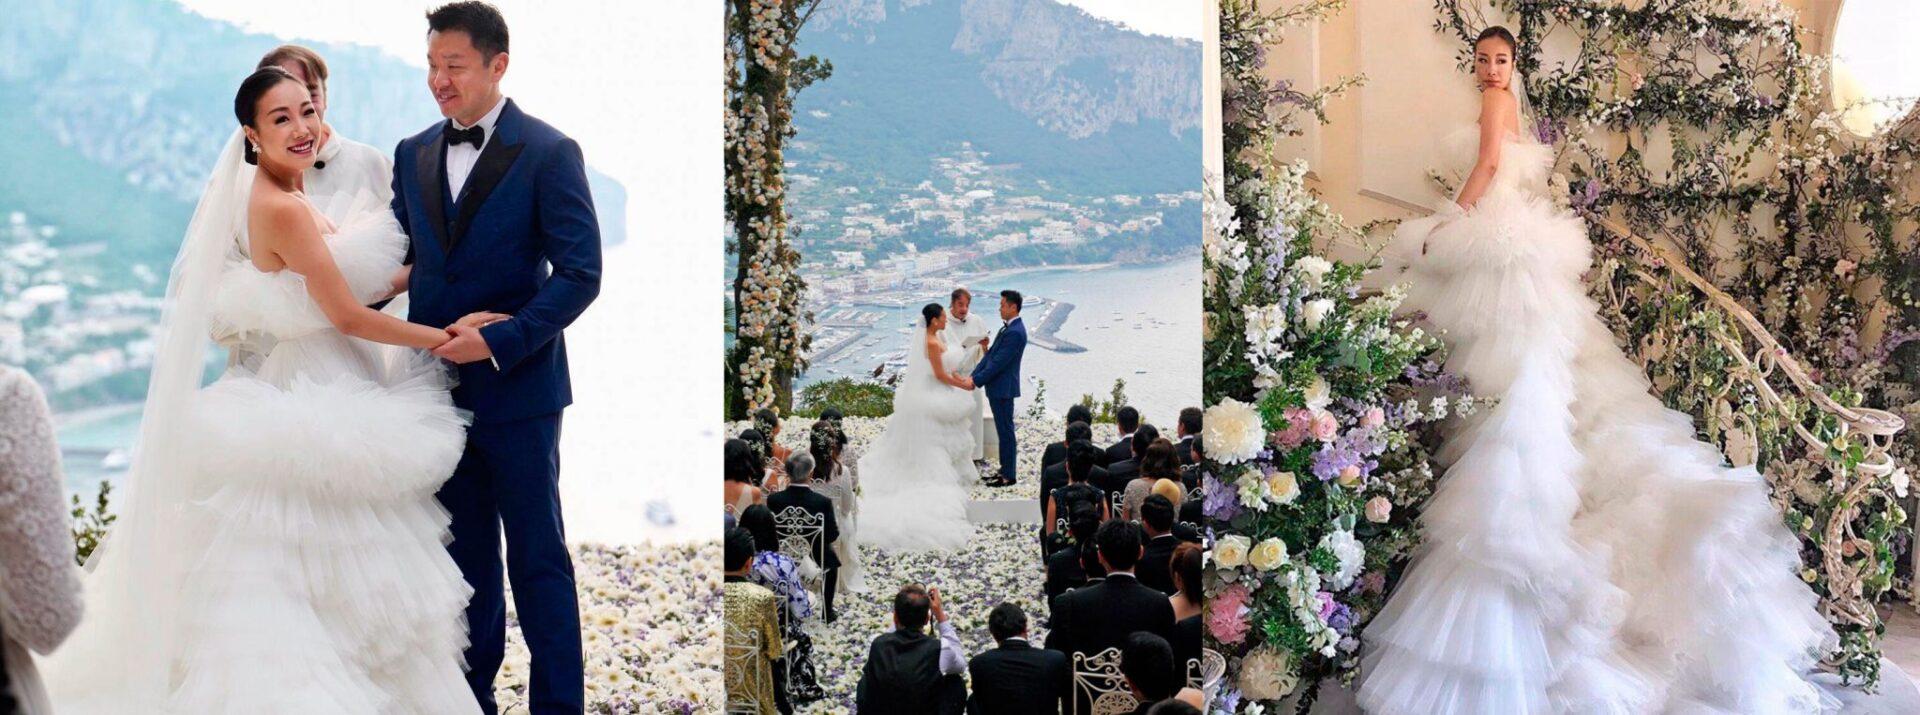 Feiping Chang Giambattista Valli, sztár blogger esküvő, menyasszonyi ruha, esküvői virág dekoráció